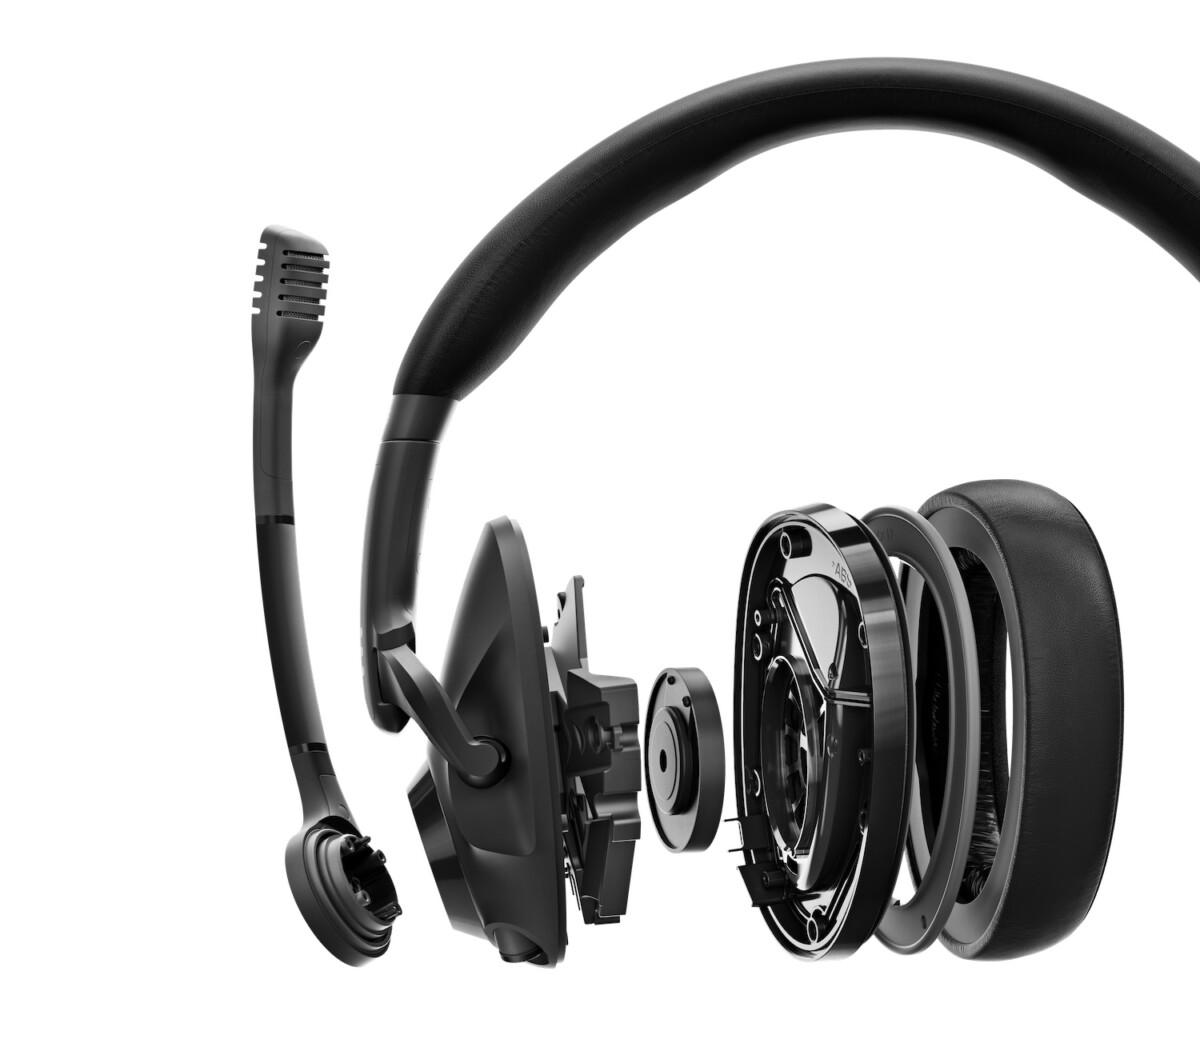 Le système de haut-parleur du casque gaming EPOS H3